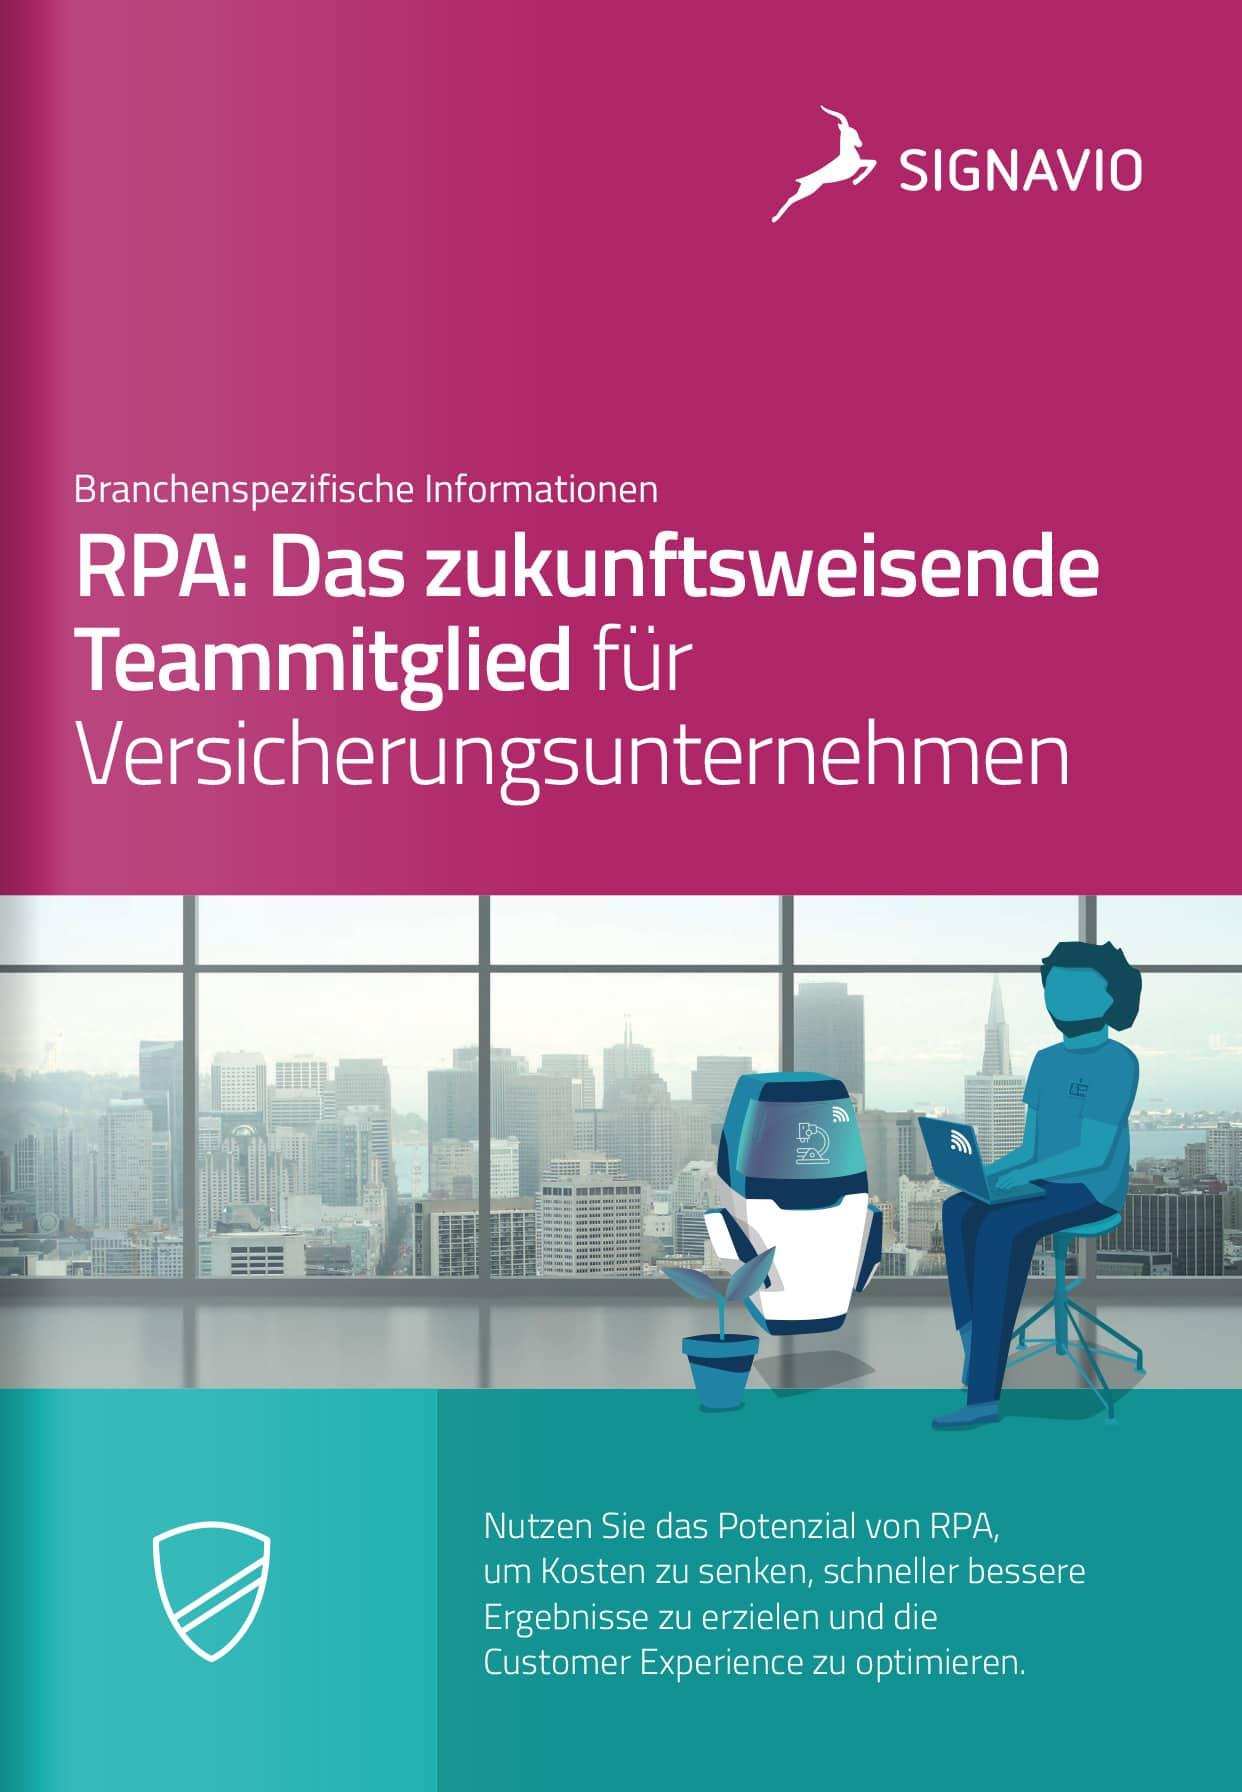 Branchenspezifische Informationen RPA: Das zukunftsweisende Teammitglied für Versicherungsunternehmen_Titelbild